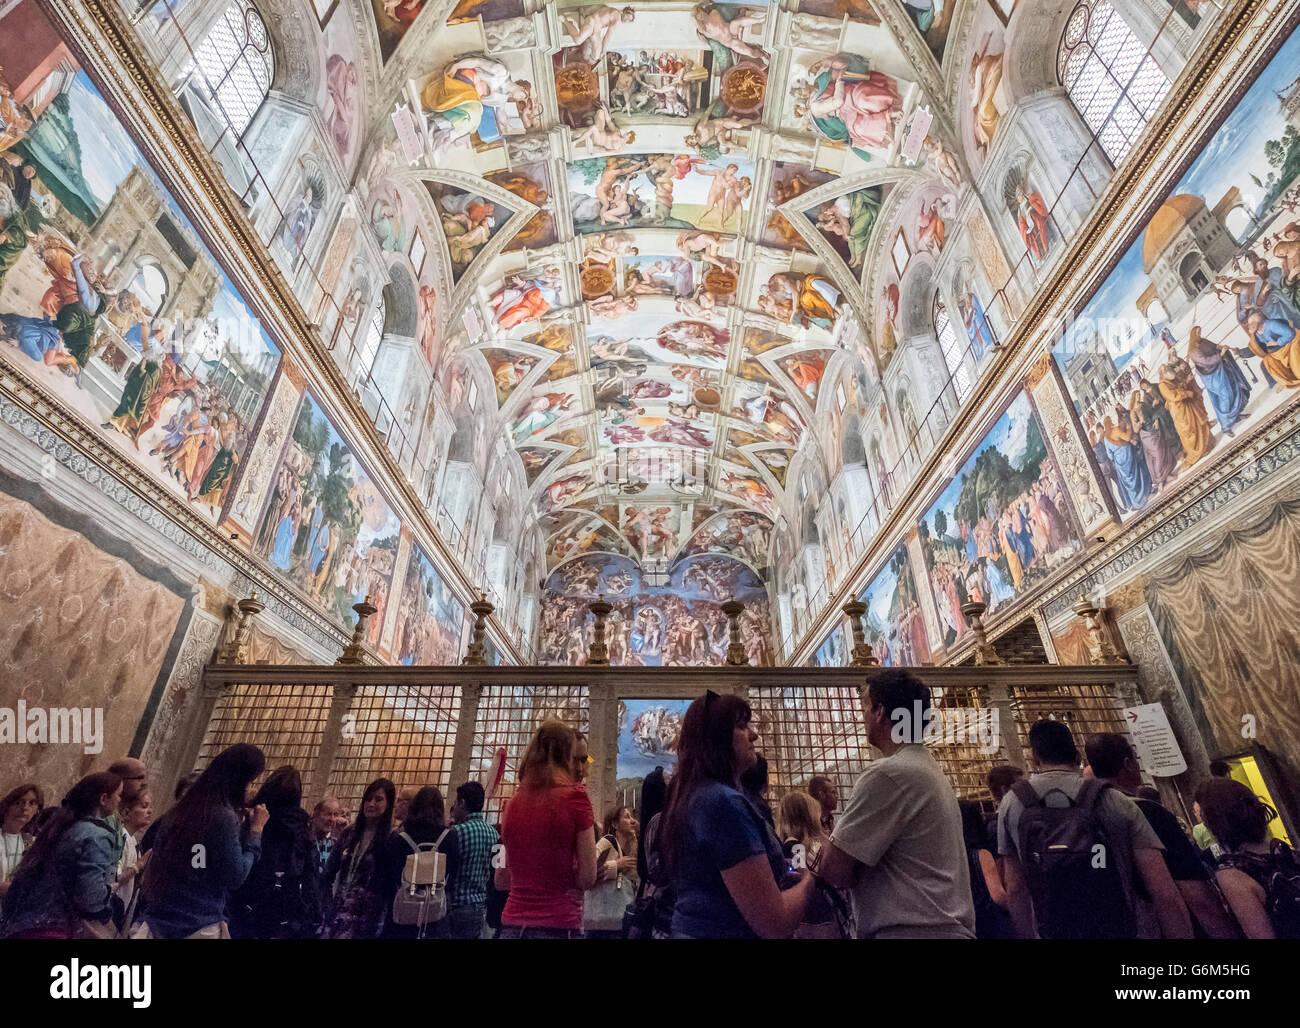 Les Touristes A La Recherche Au Plafond Dans La Chapelle Sixtine Au